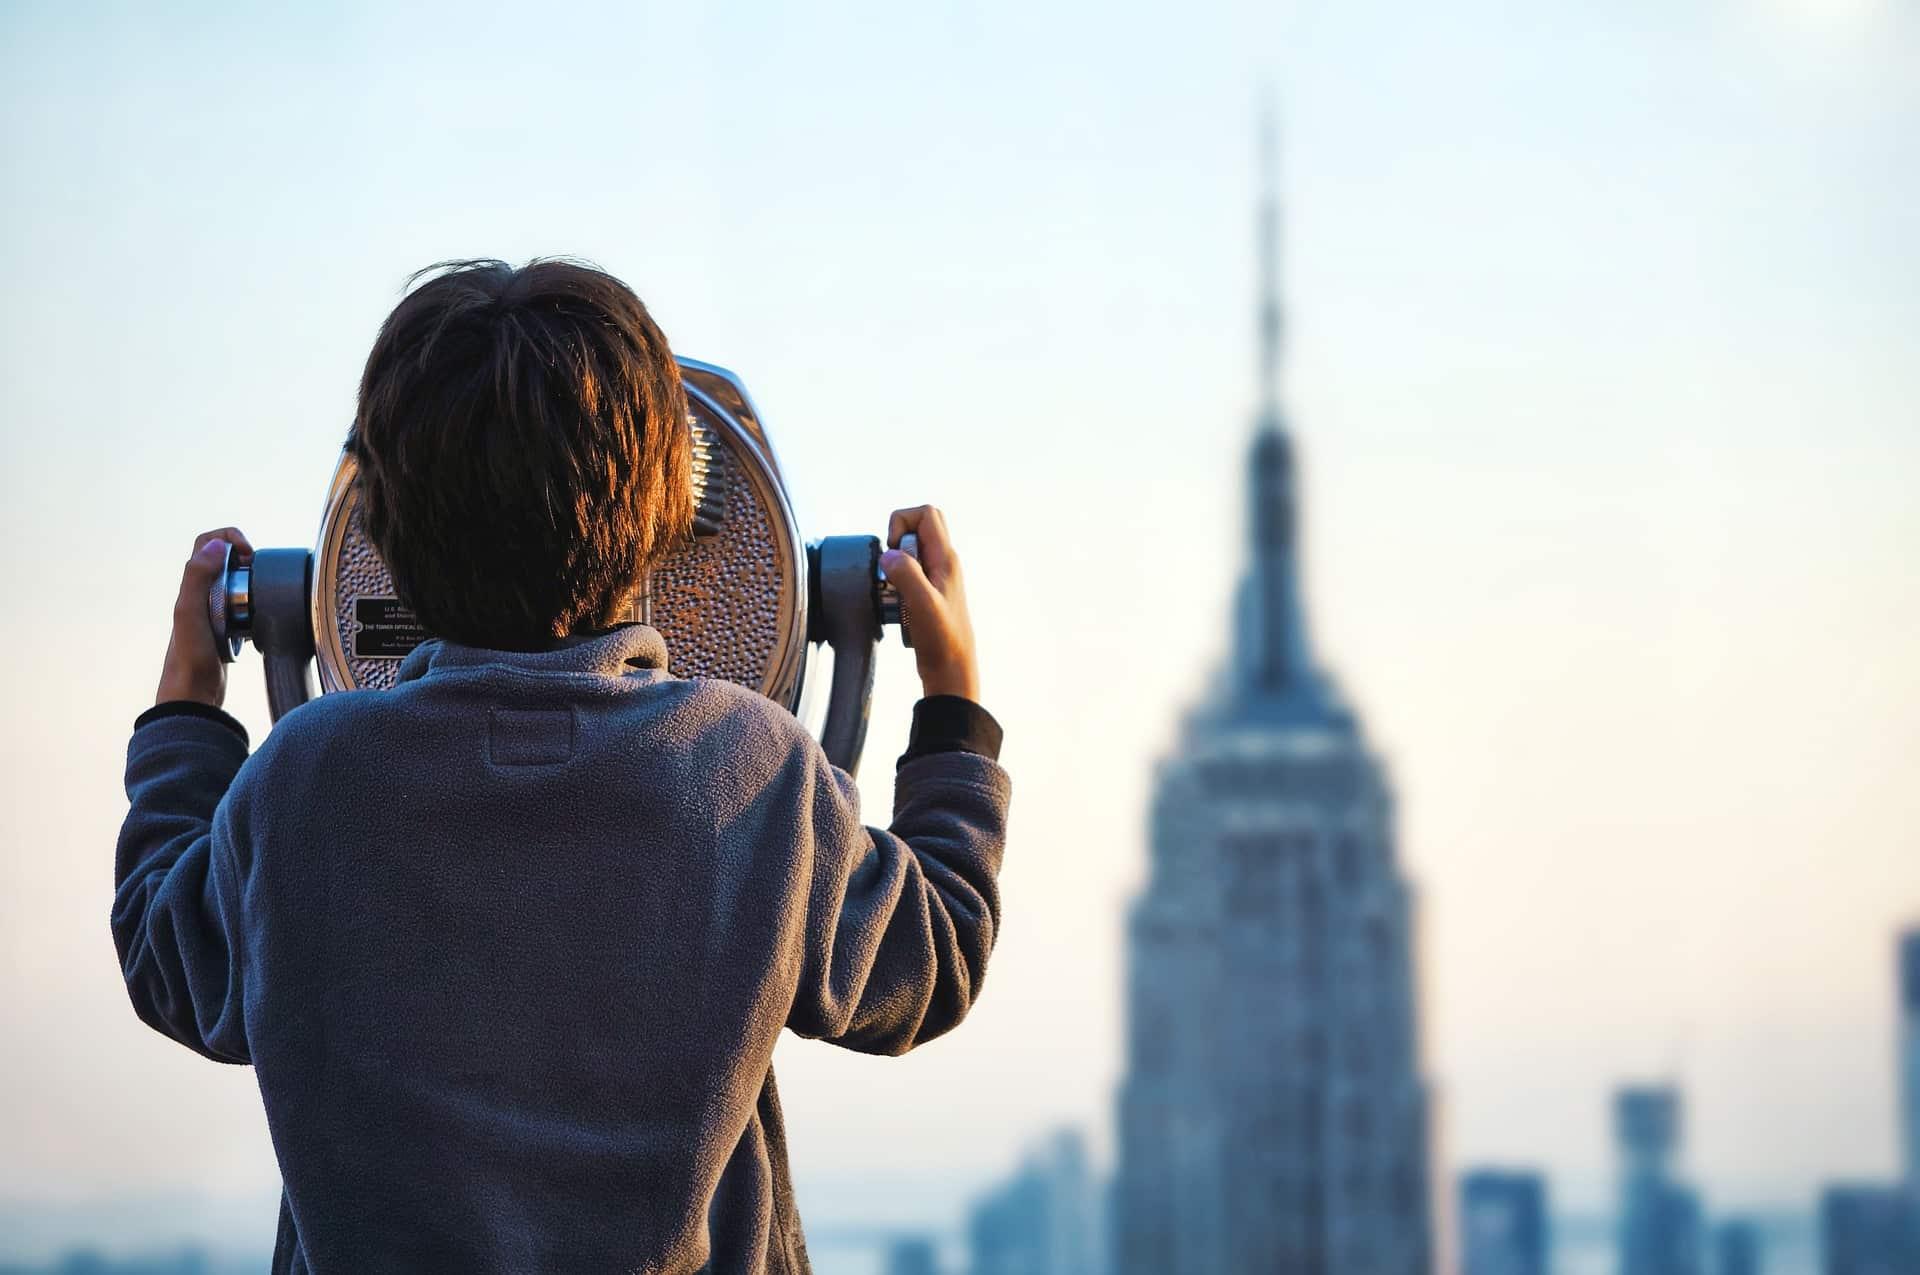 Obserwator - chłopiec obserwujący miasto przezteleskop